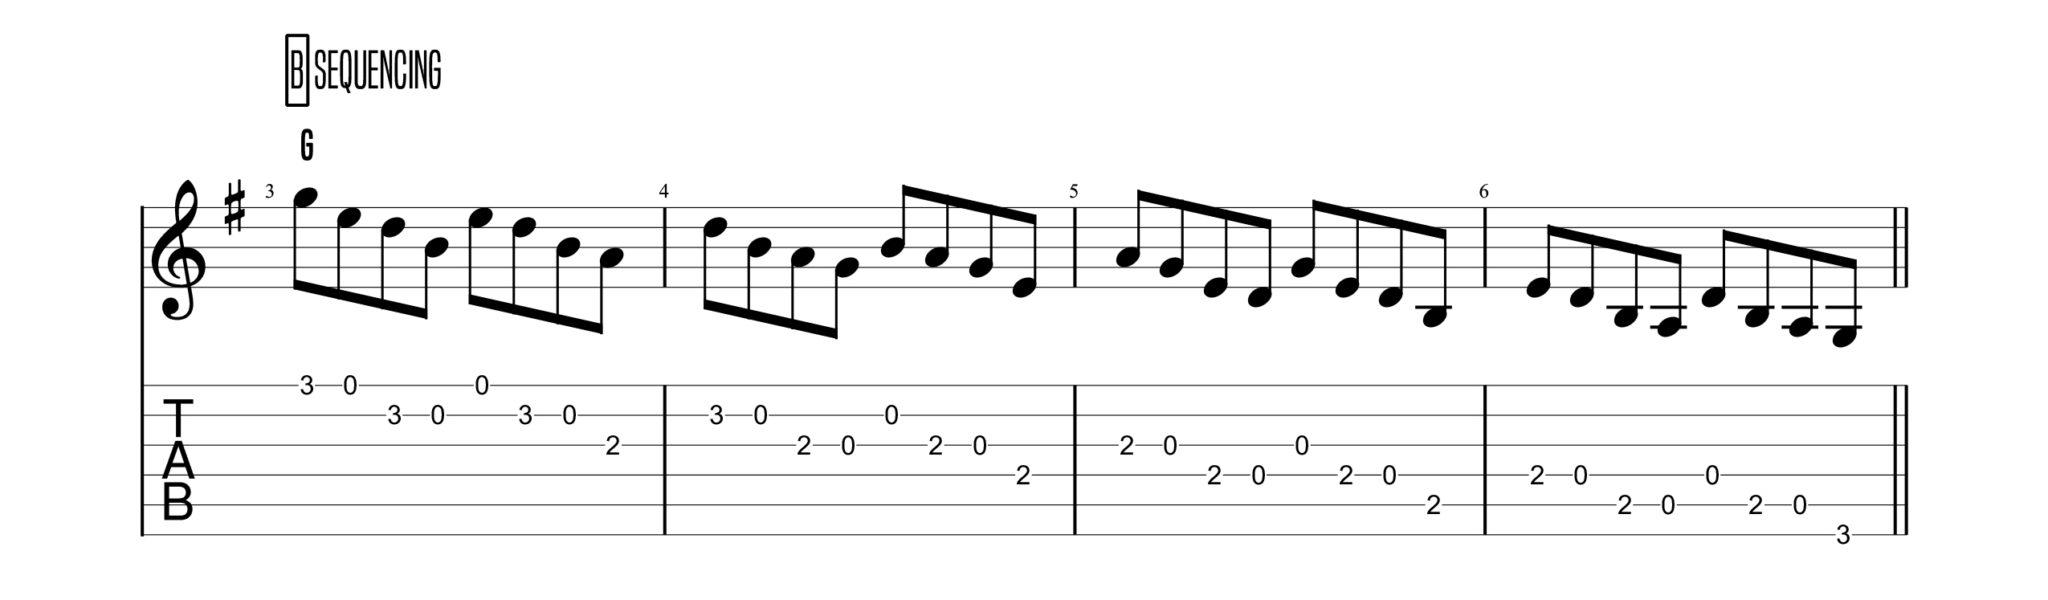 (Backstepping Sequence For Bluegrass Guitar Licks)